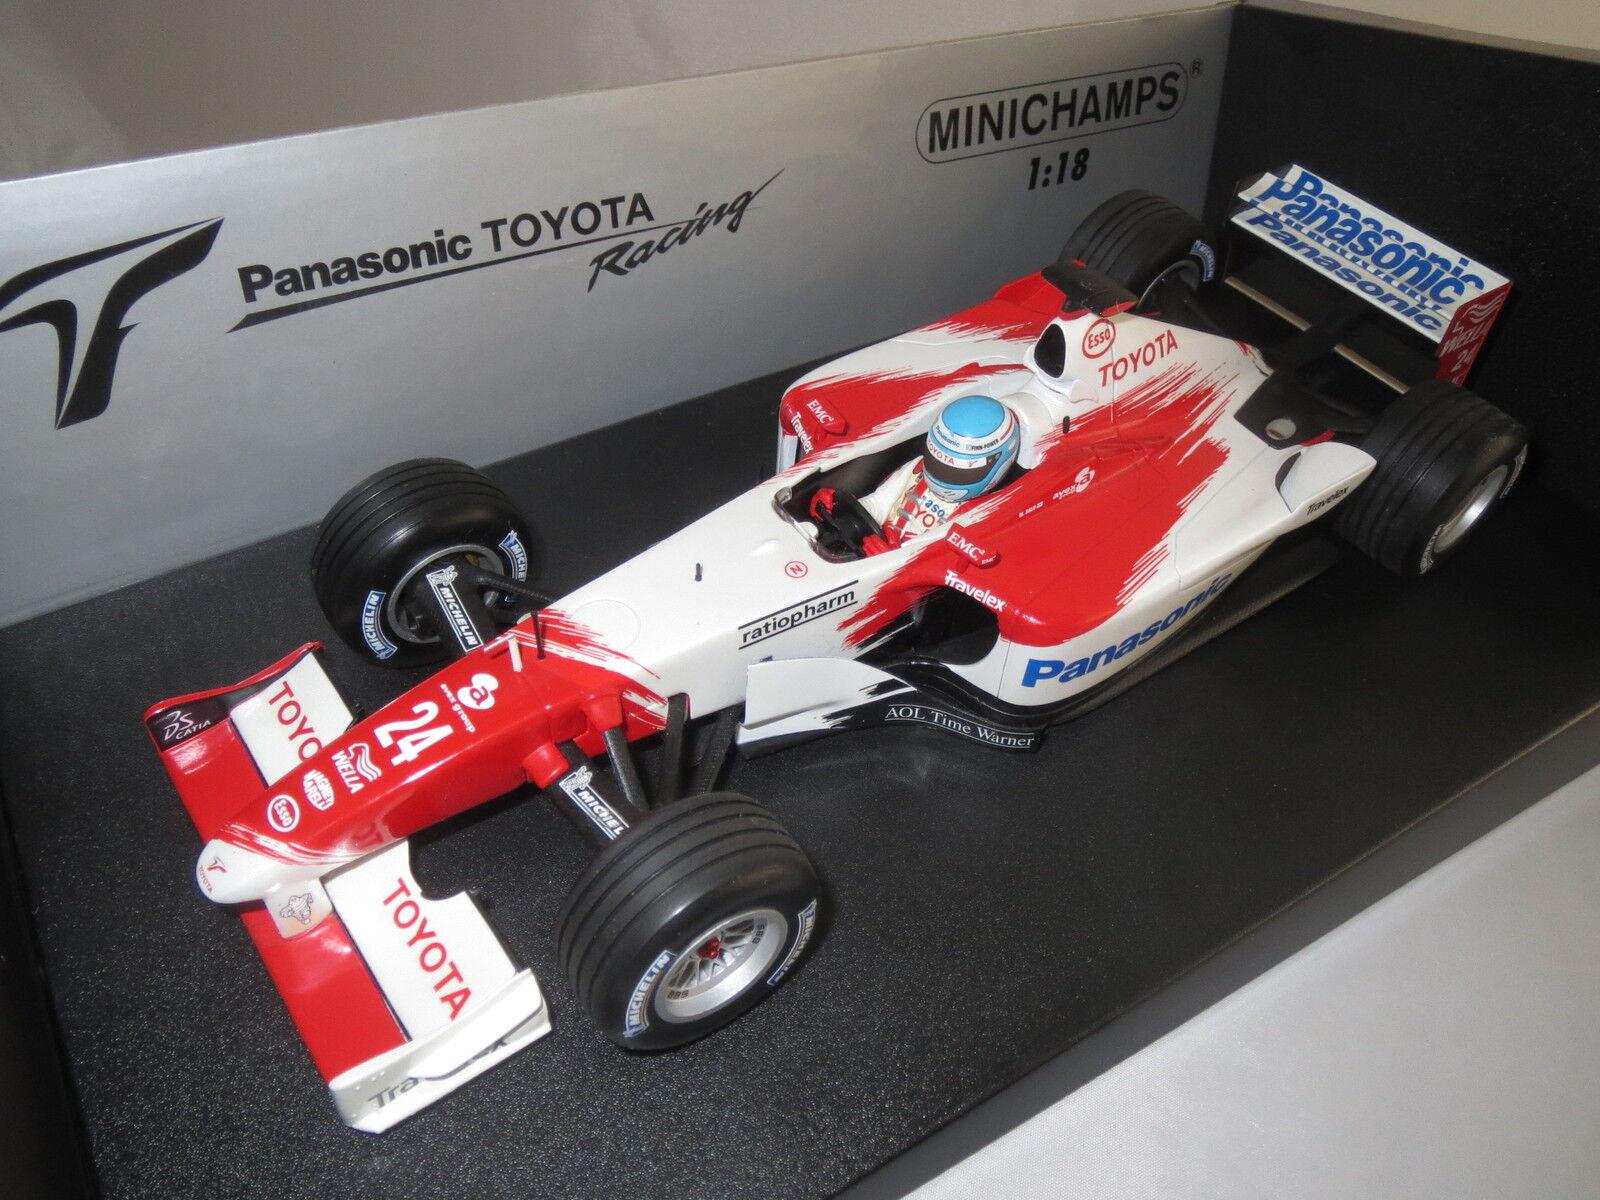 Minichamps Formule 1 panasonic toyota racing tf 102 M. sala  24  2002  1 18 OVP